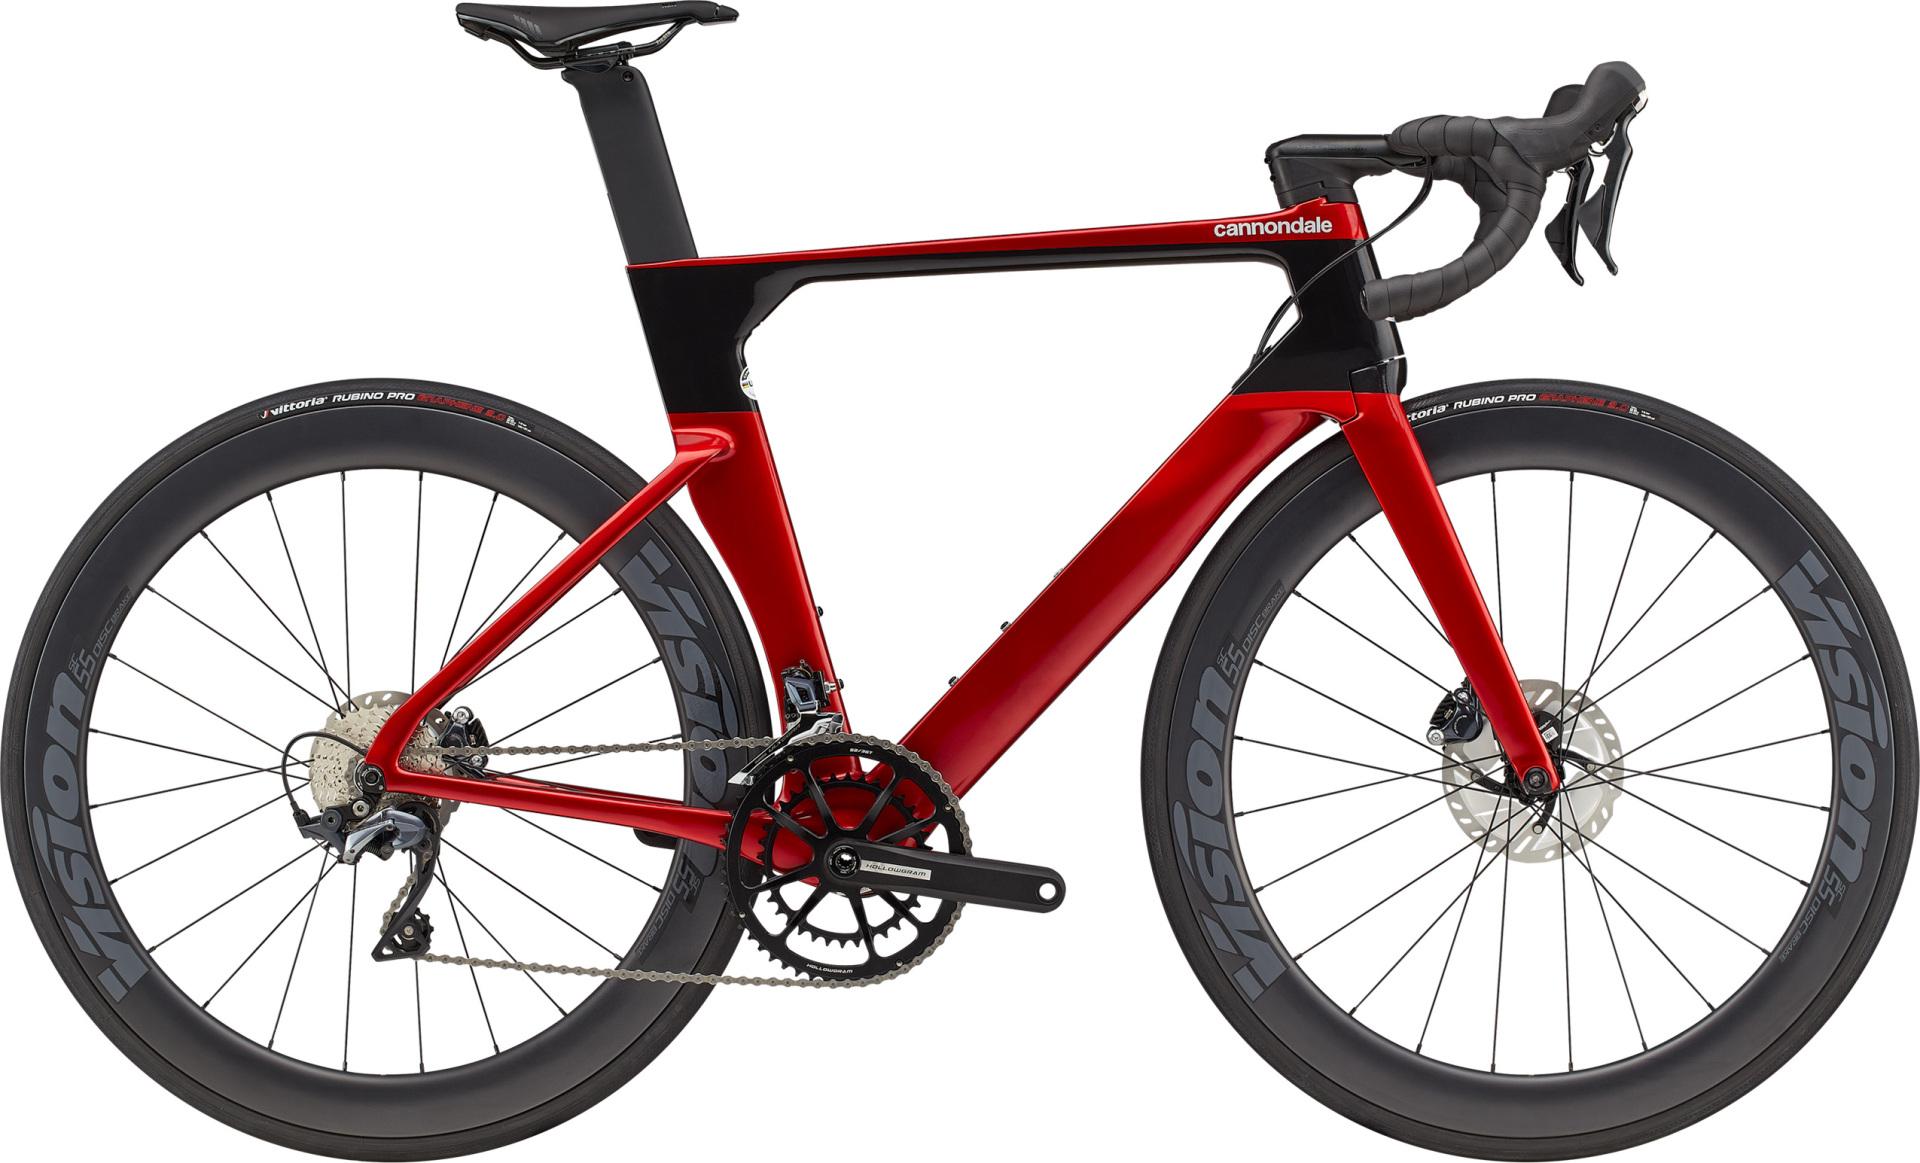 Cannondale SystemSix Carbon Ultegra országúti kerékpár - piros - 54 cm (2021)